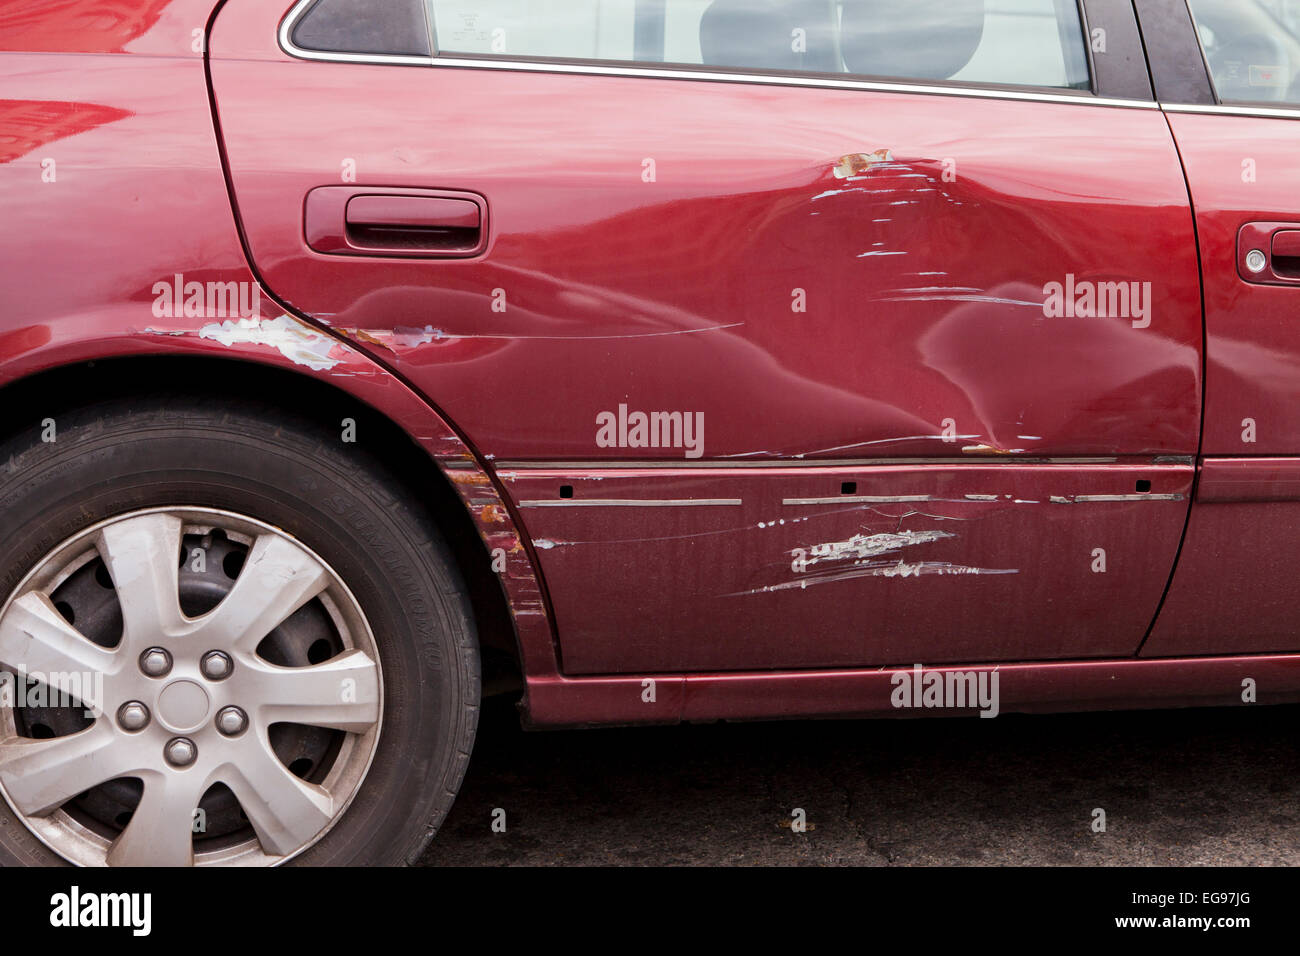 Rayado puerta trasera del sedán - EE.UU. Imagen De Stock